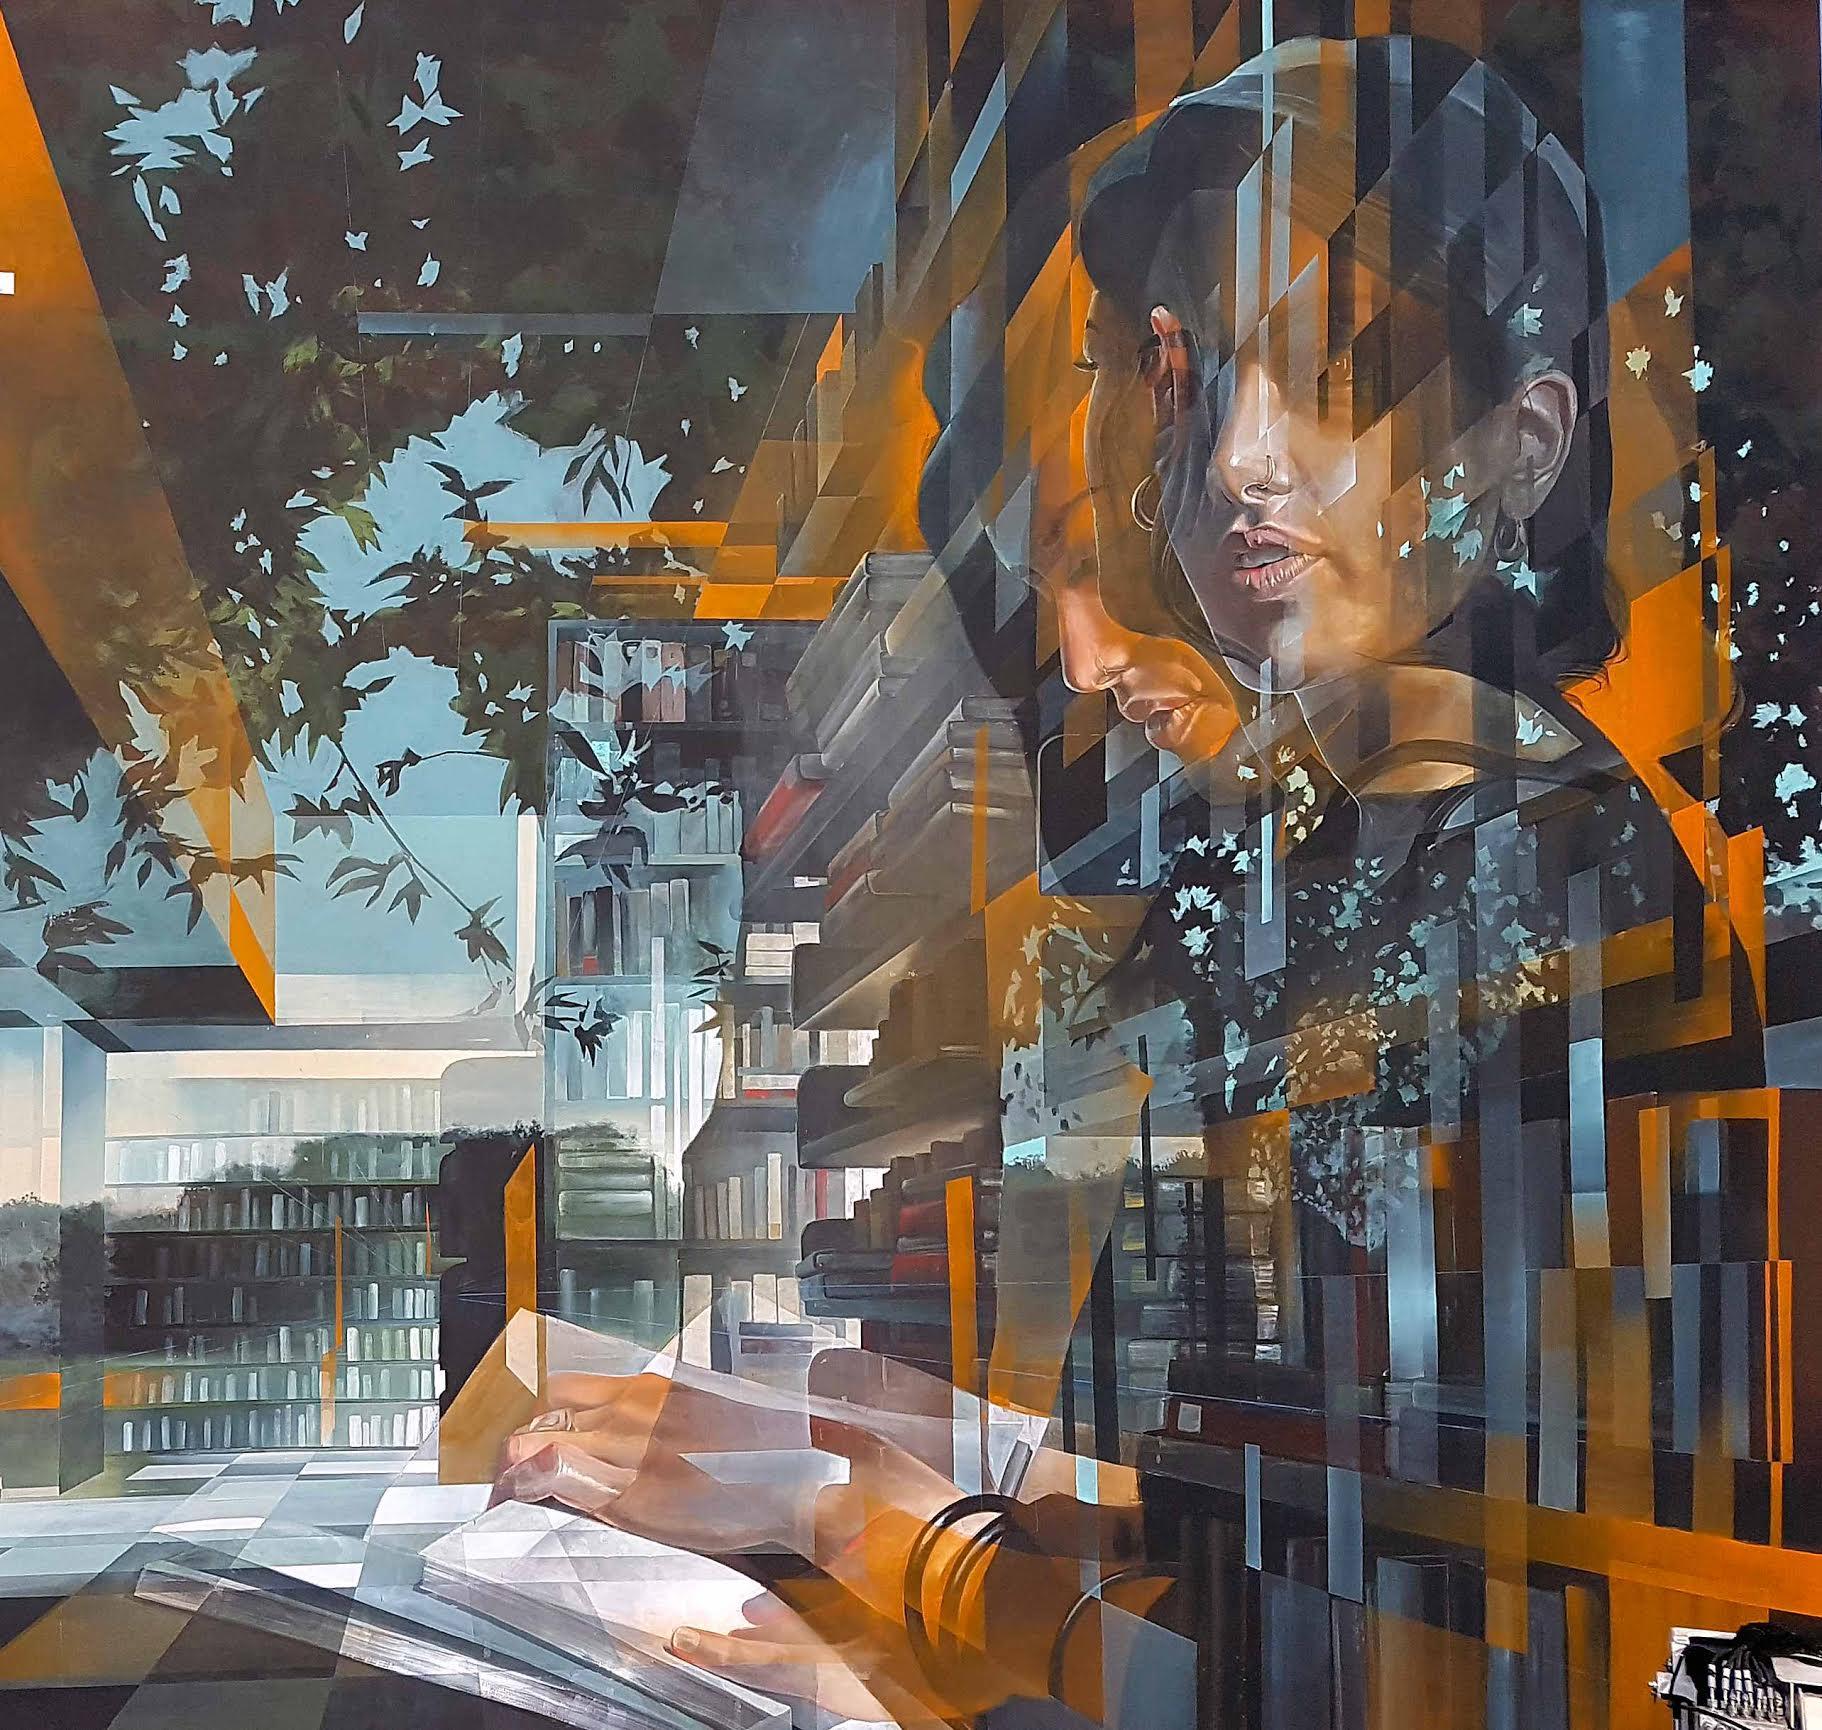 APC – New mural by VESOD in Turin, Italy Artes & contextos vesod2